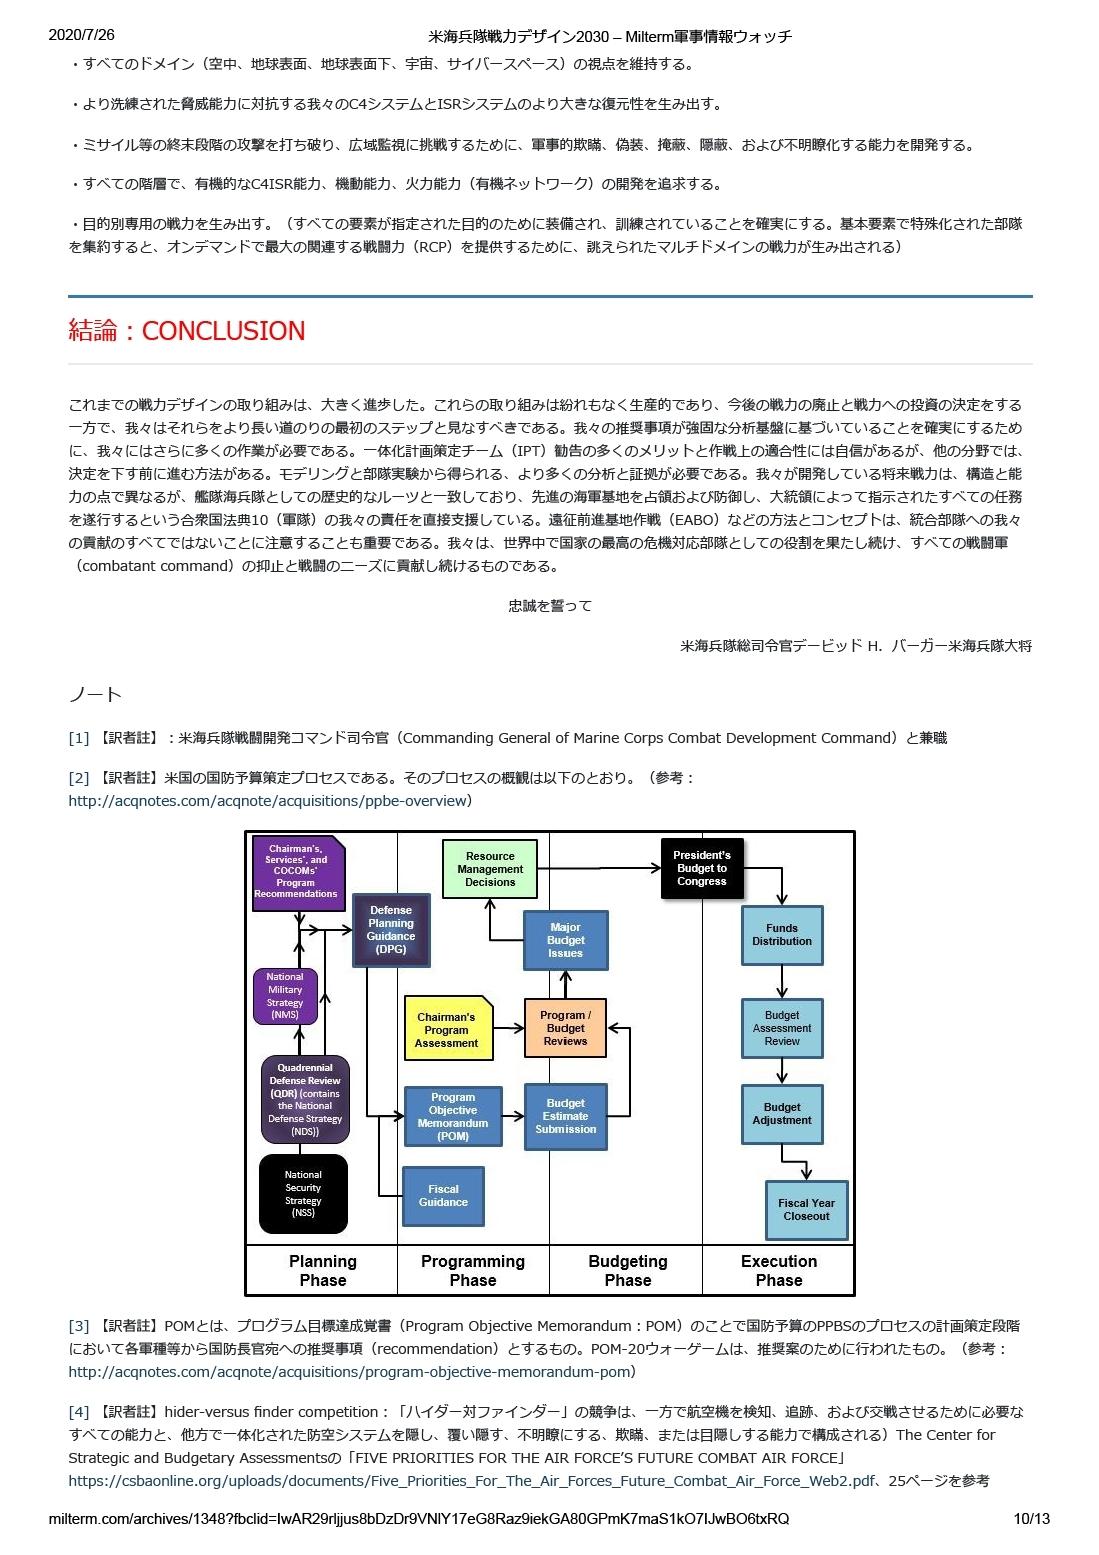 米海兵隊戦力デザイン2030 10